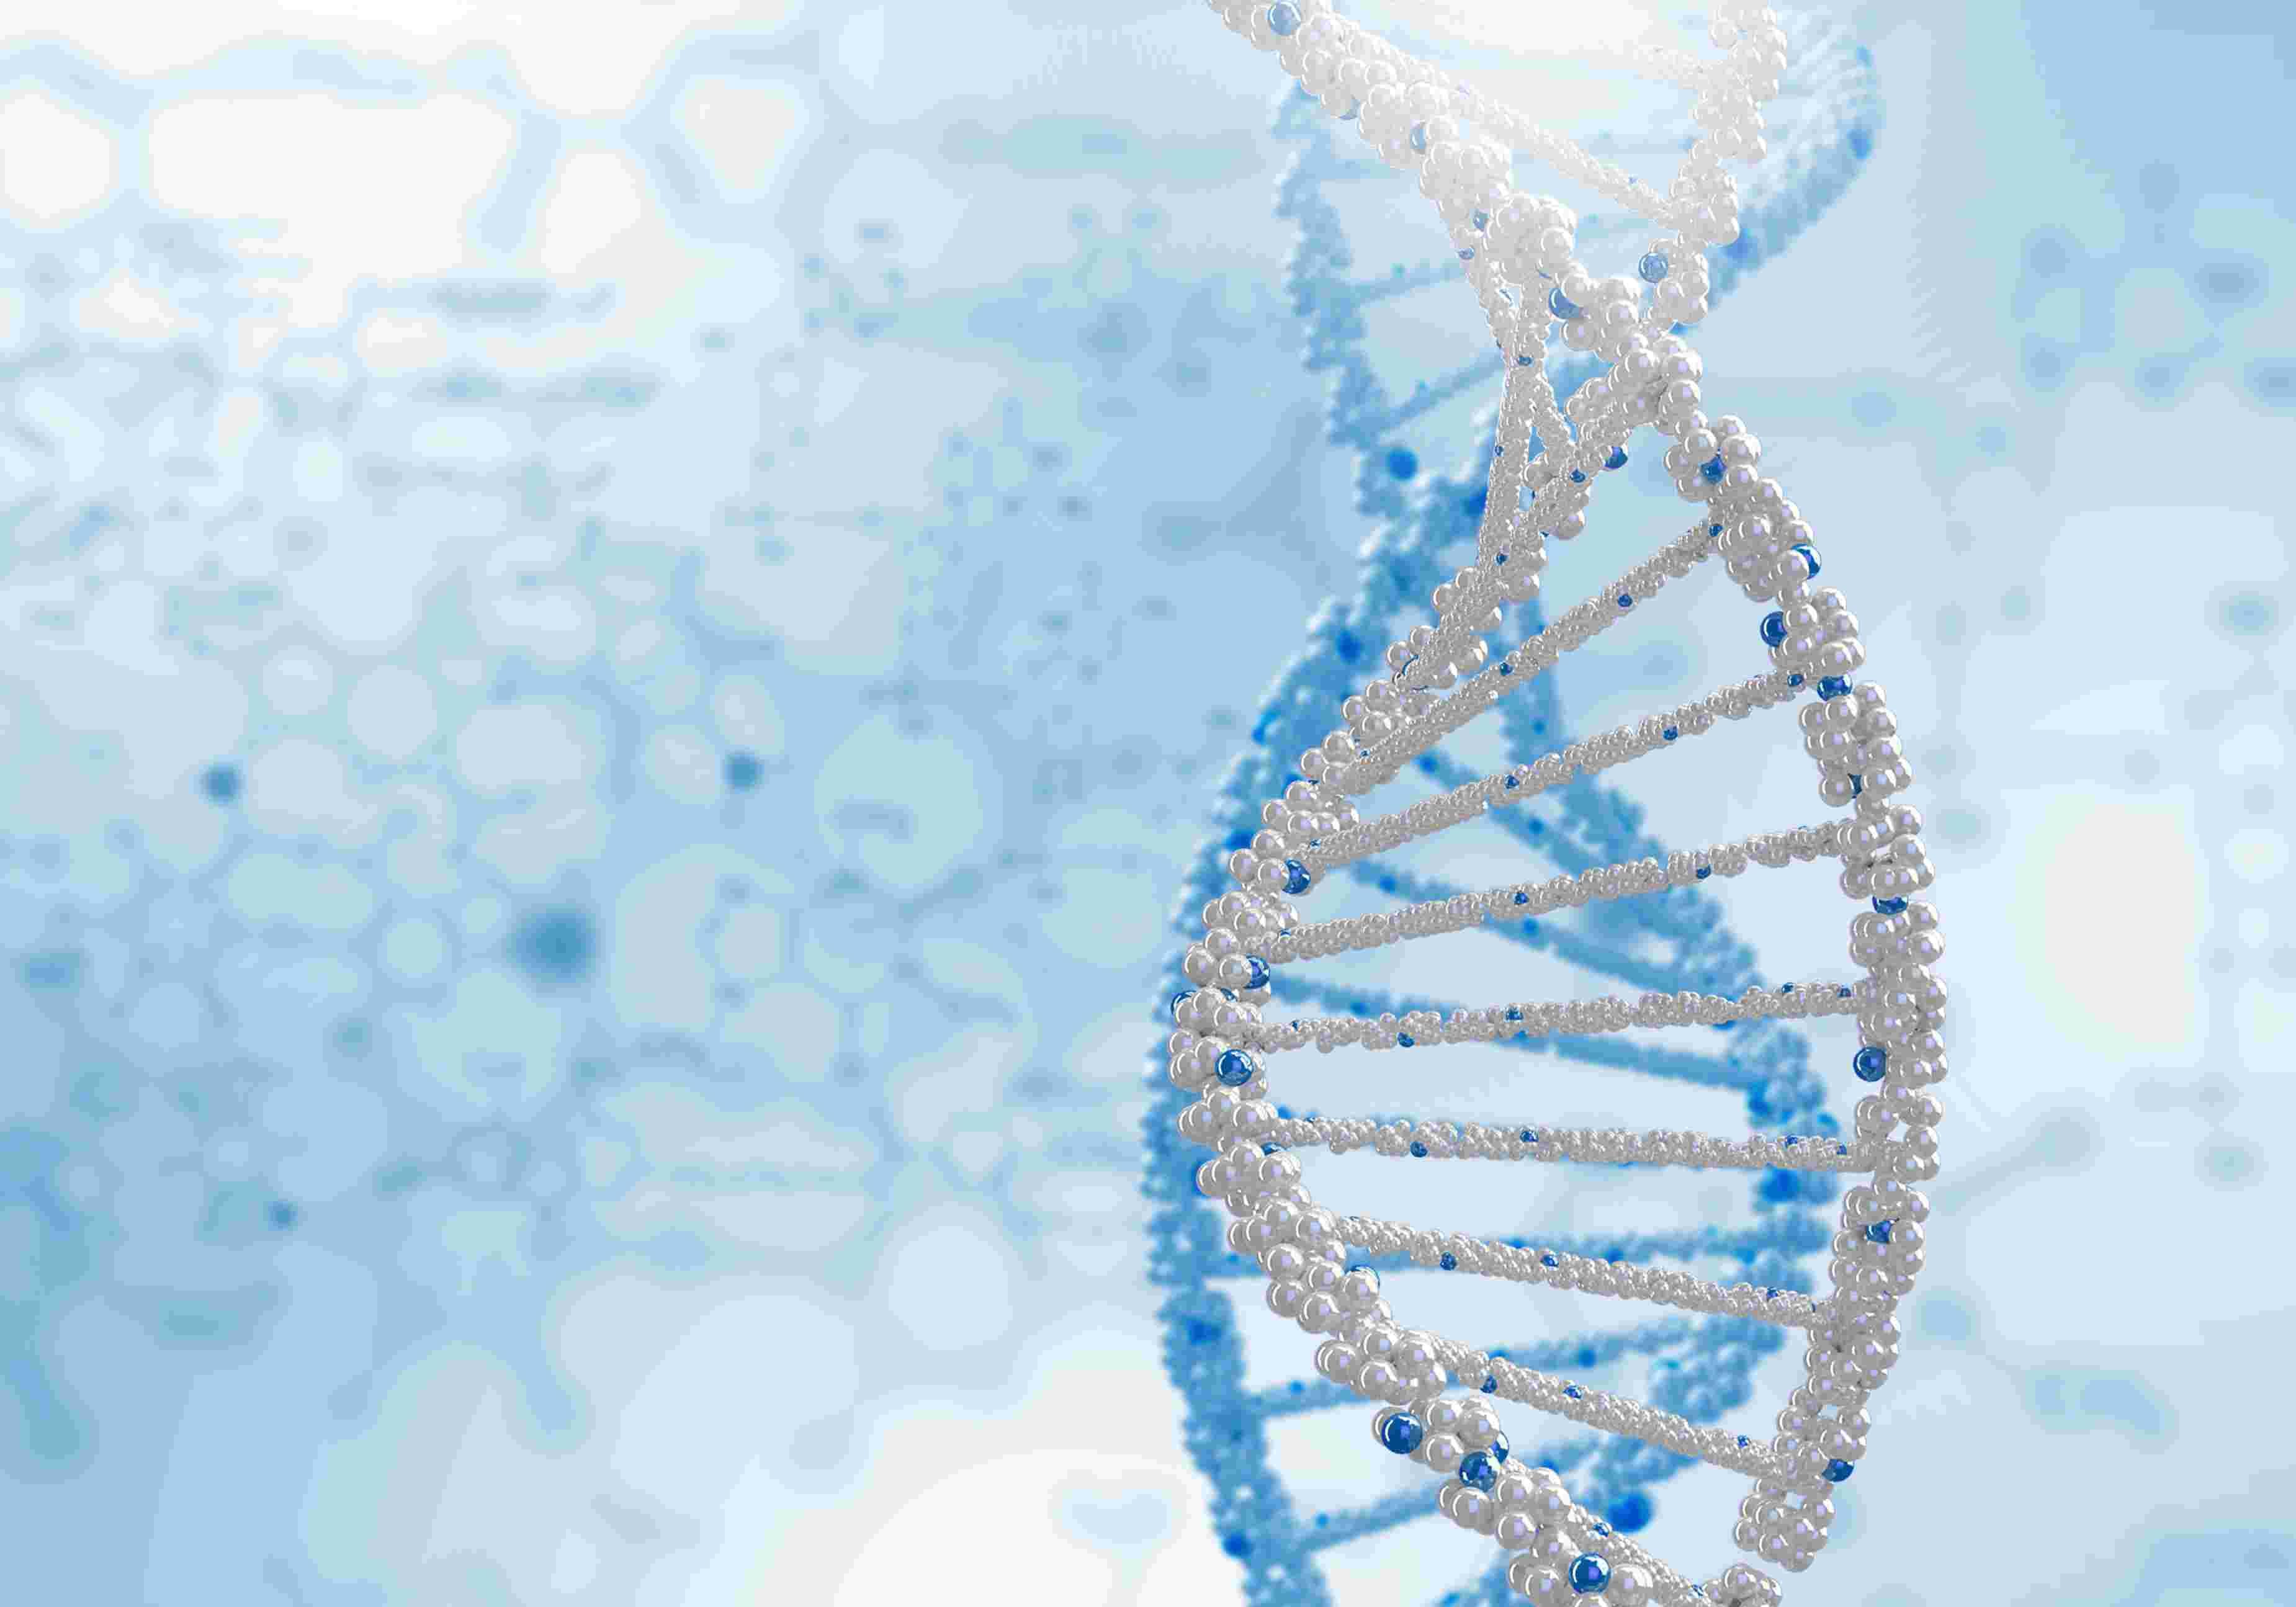 抗癌新药「多西他赛」获批,癌症晚期患者新曙光!癌转移患者首选